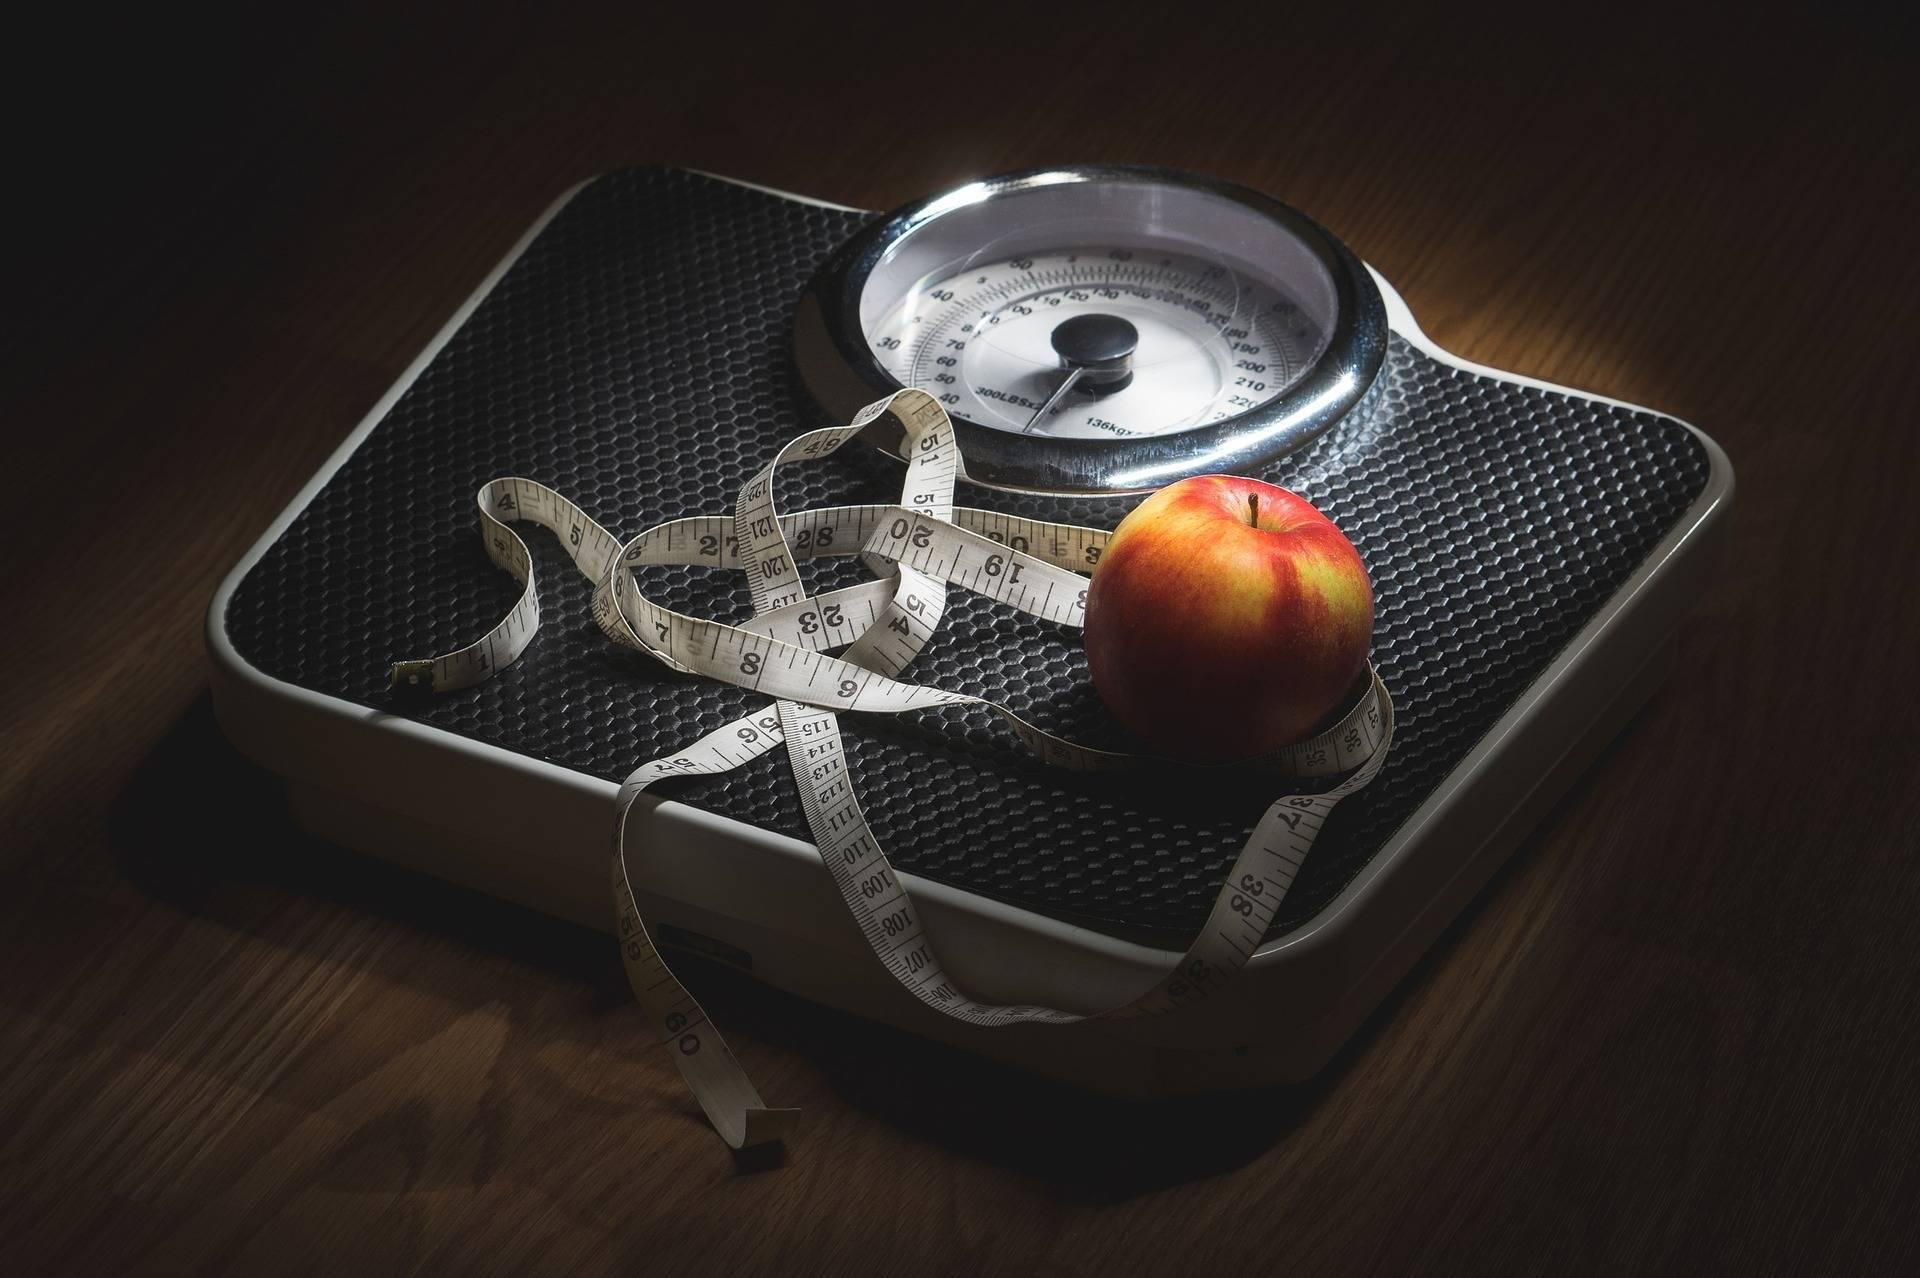 weighingmachine